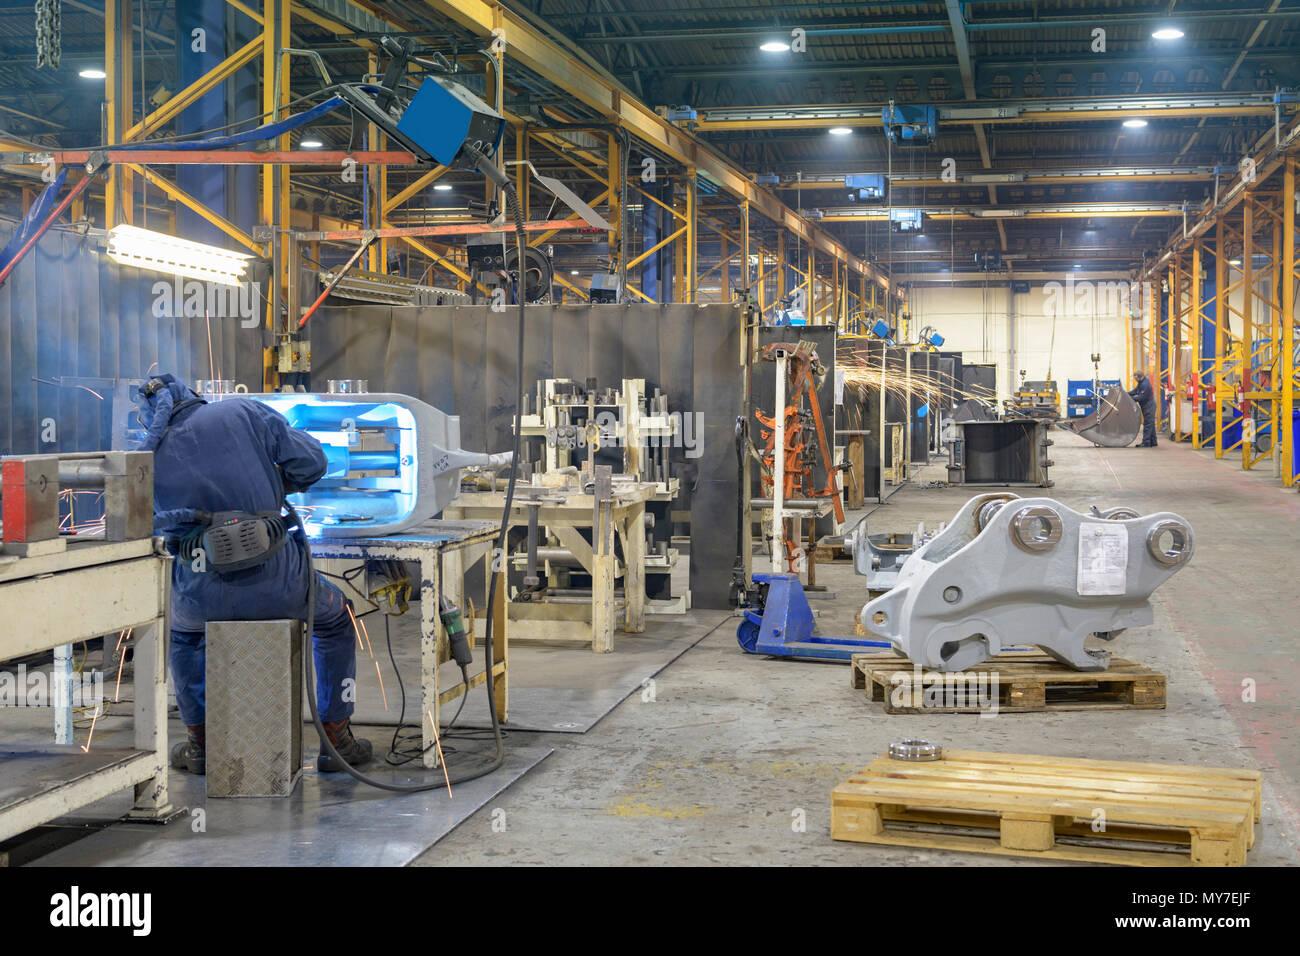 Ampio angolo di visione di ingegneria fabbrica con saldatrice lavorando in primo piano Immagini Stock